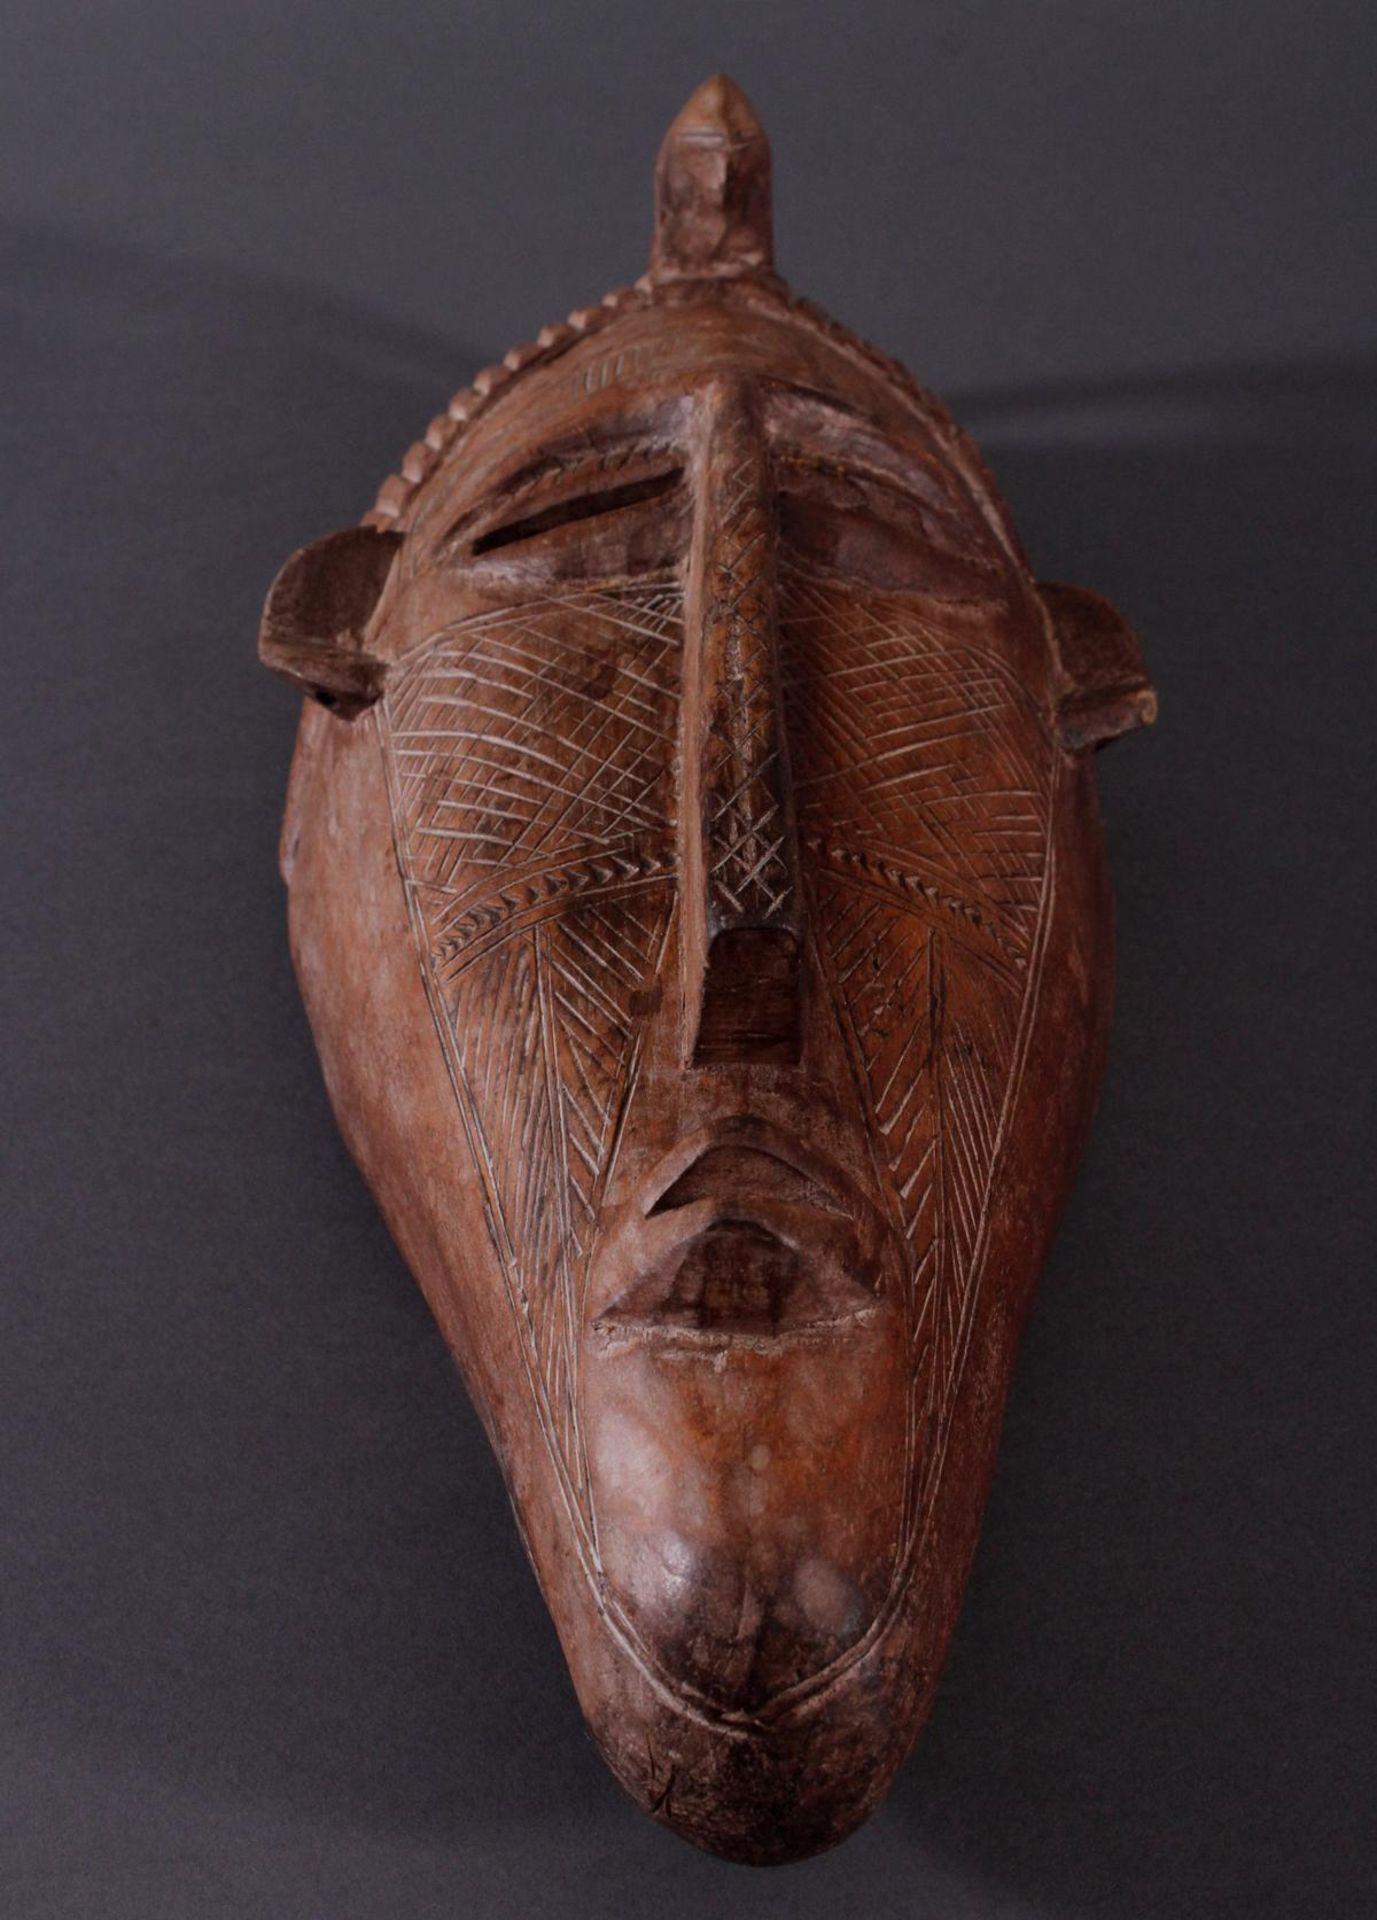 Antike Maske, Bambara, Mali 1. Hälfte 20. Jh.Holz geschnitzt, Musterritzungen, mit Chamäleon- - Bild 5 aus 6